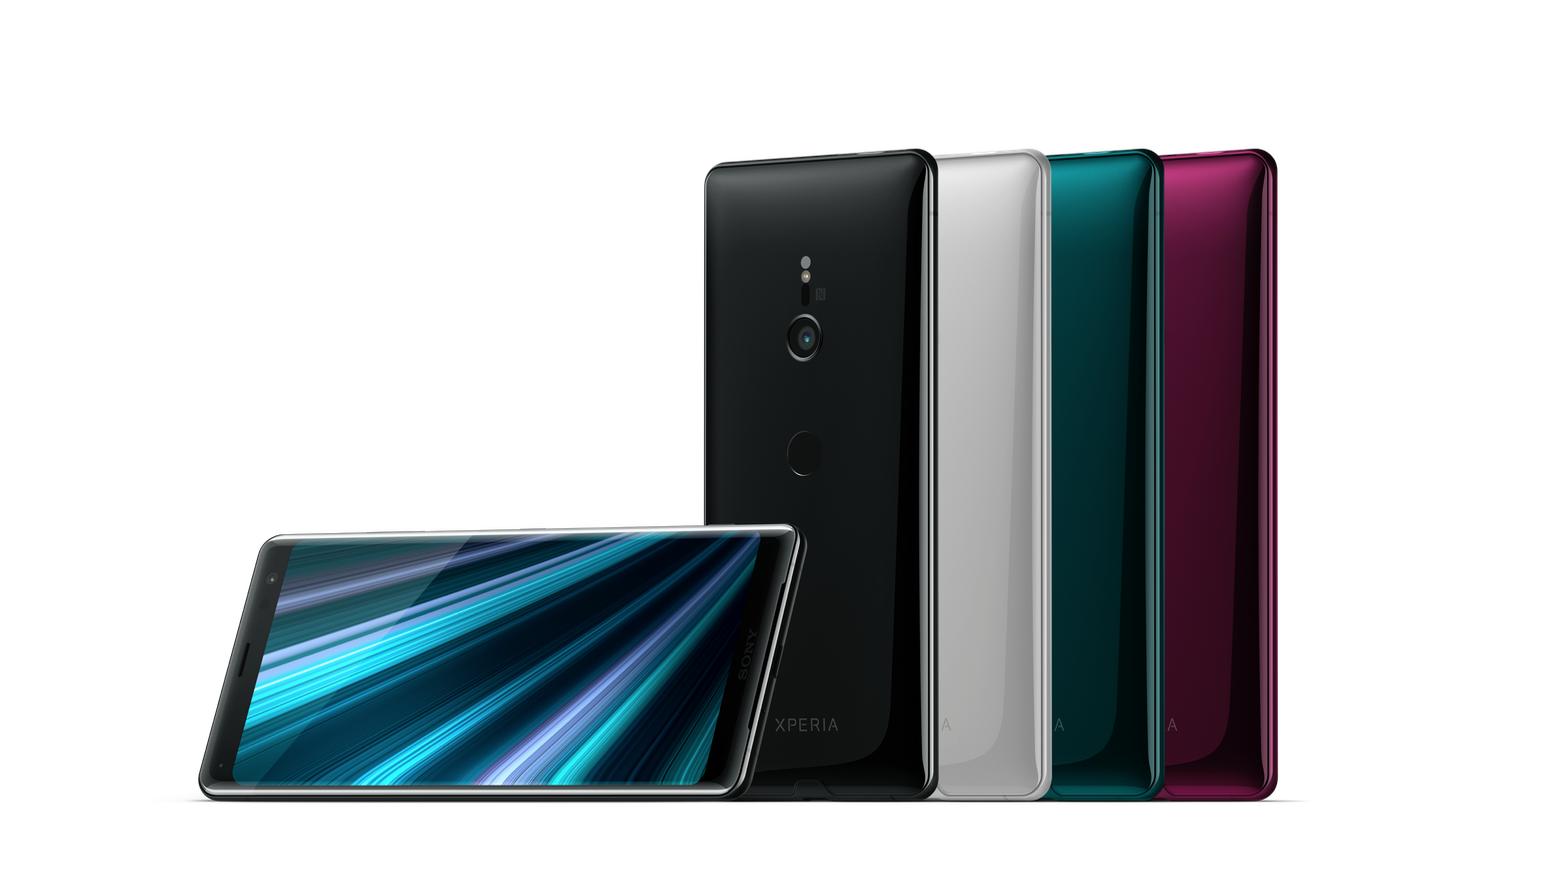 索尼正式发布Xperia XZ3:六英寸OLED屏幕AI加持 售价6150元